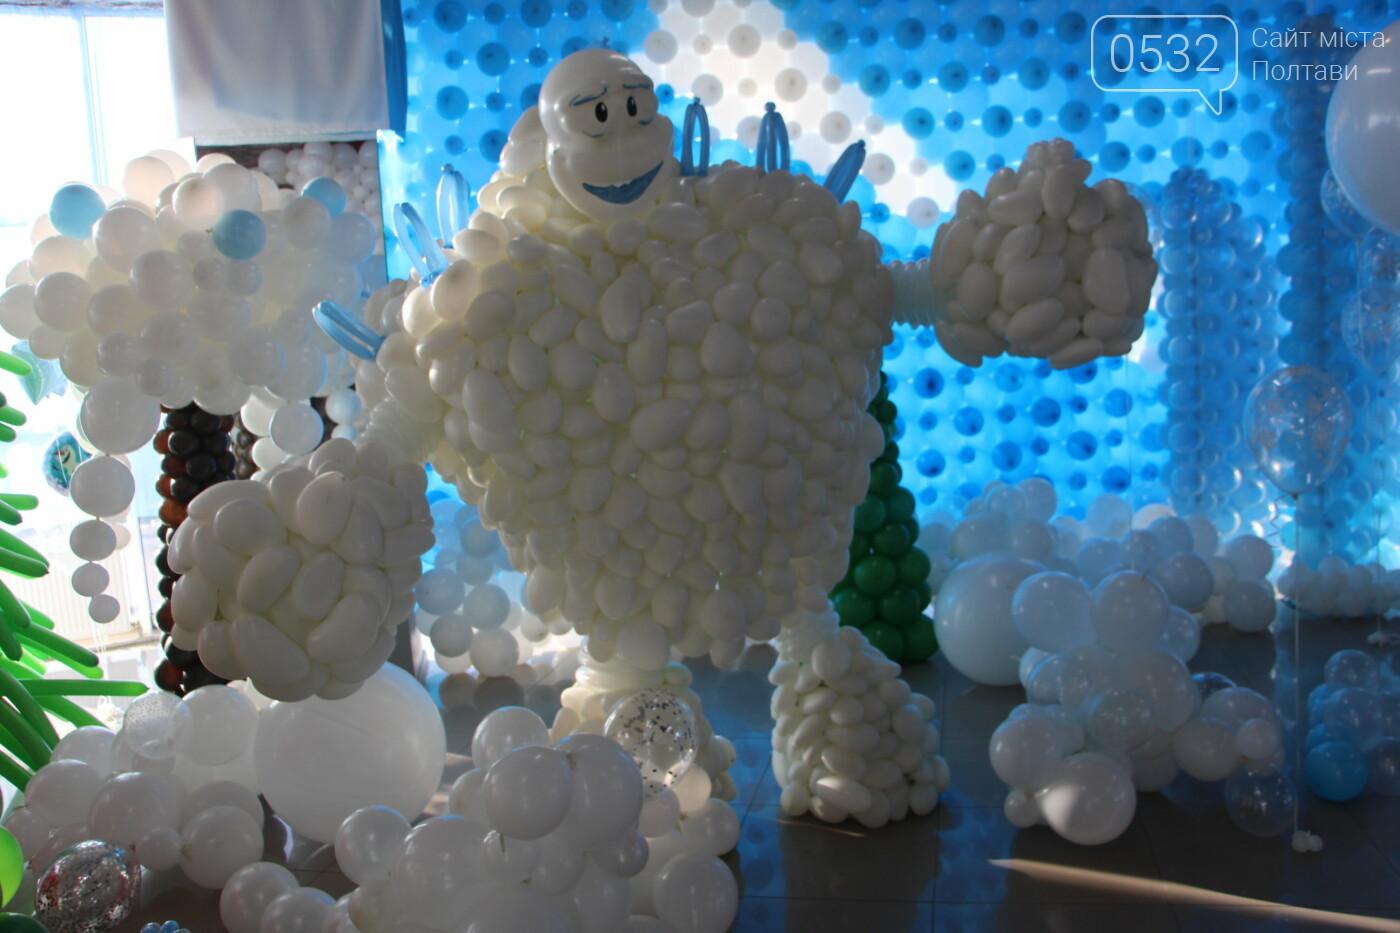 У Полтаві для дітей влаштували «Зимову казку» з повітряних кульок (ФОТО), фото-11